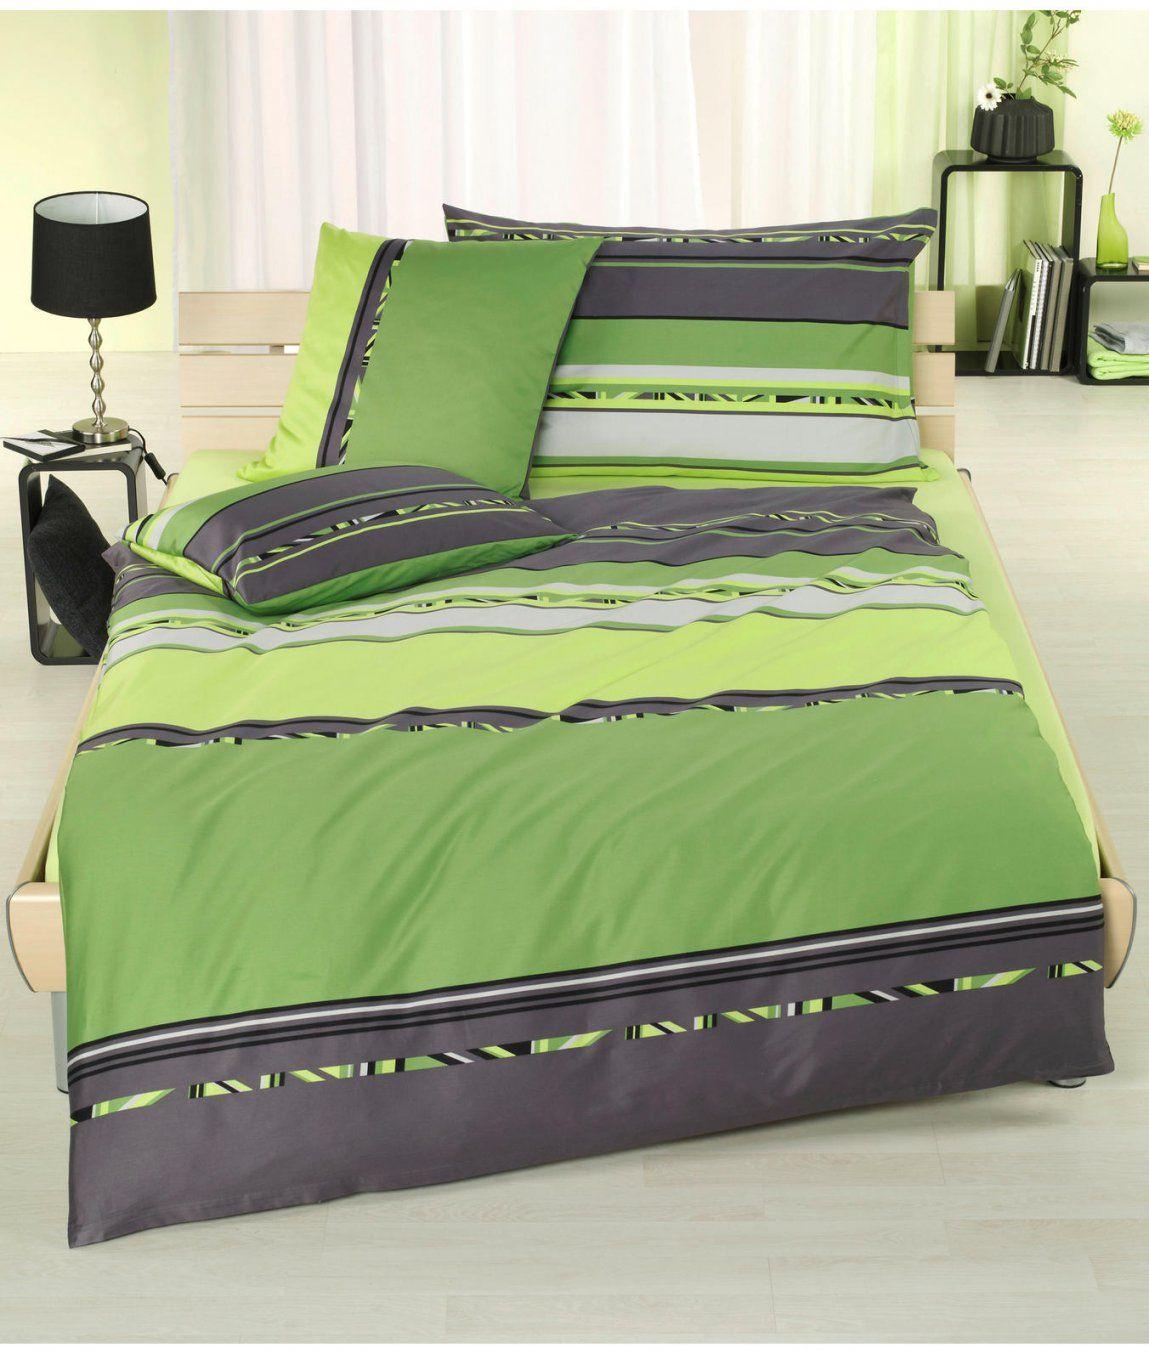 Satinbettgarnitur Essence Grün Kaufen  Angela Bruderer Onlineshop von Satin Bettwäsche Grün Photo